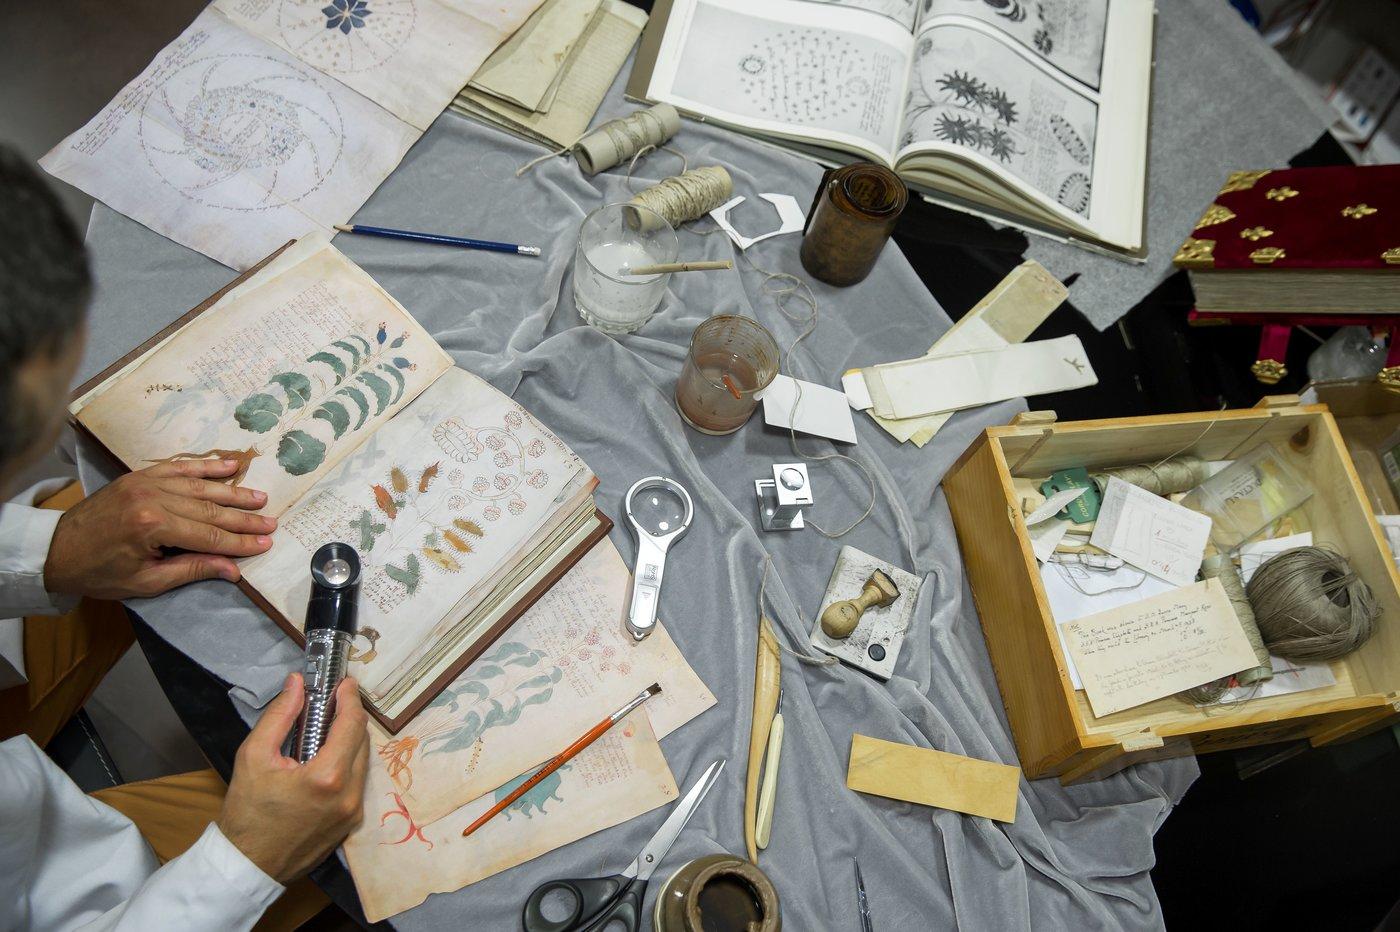 Voynich là một cuốn sách toát ra vẻ bí ẩn ngay từ cái nhìn đầu tiên